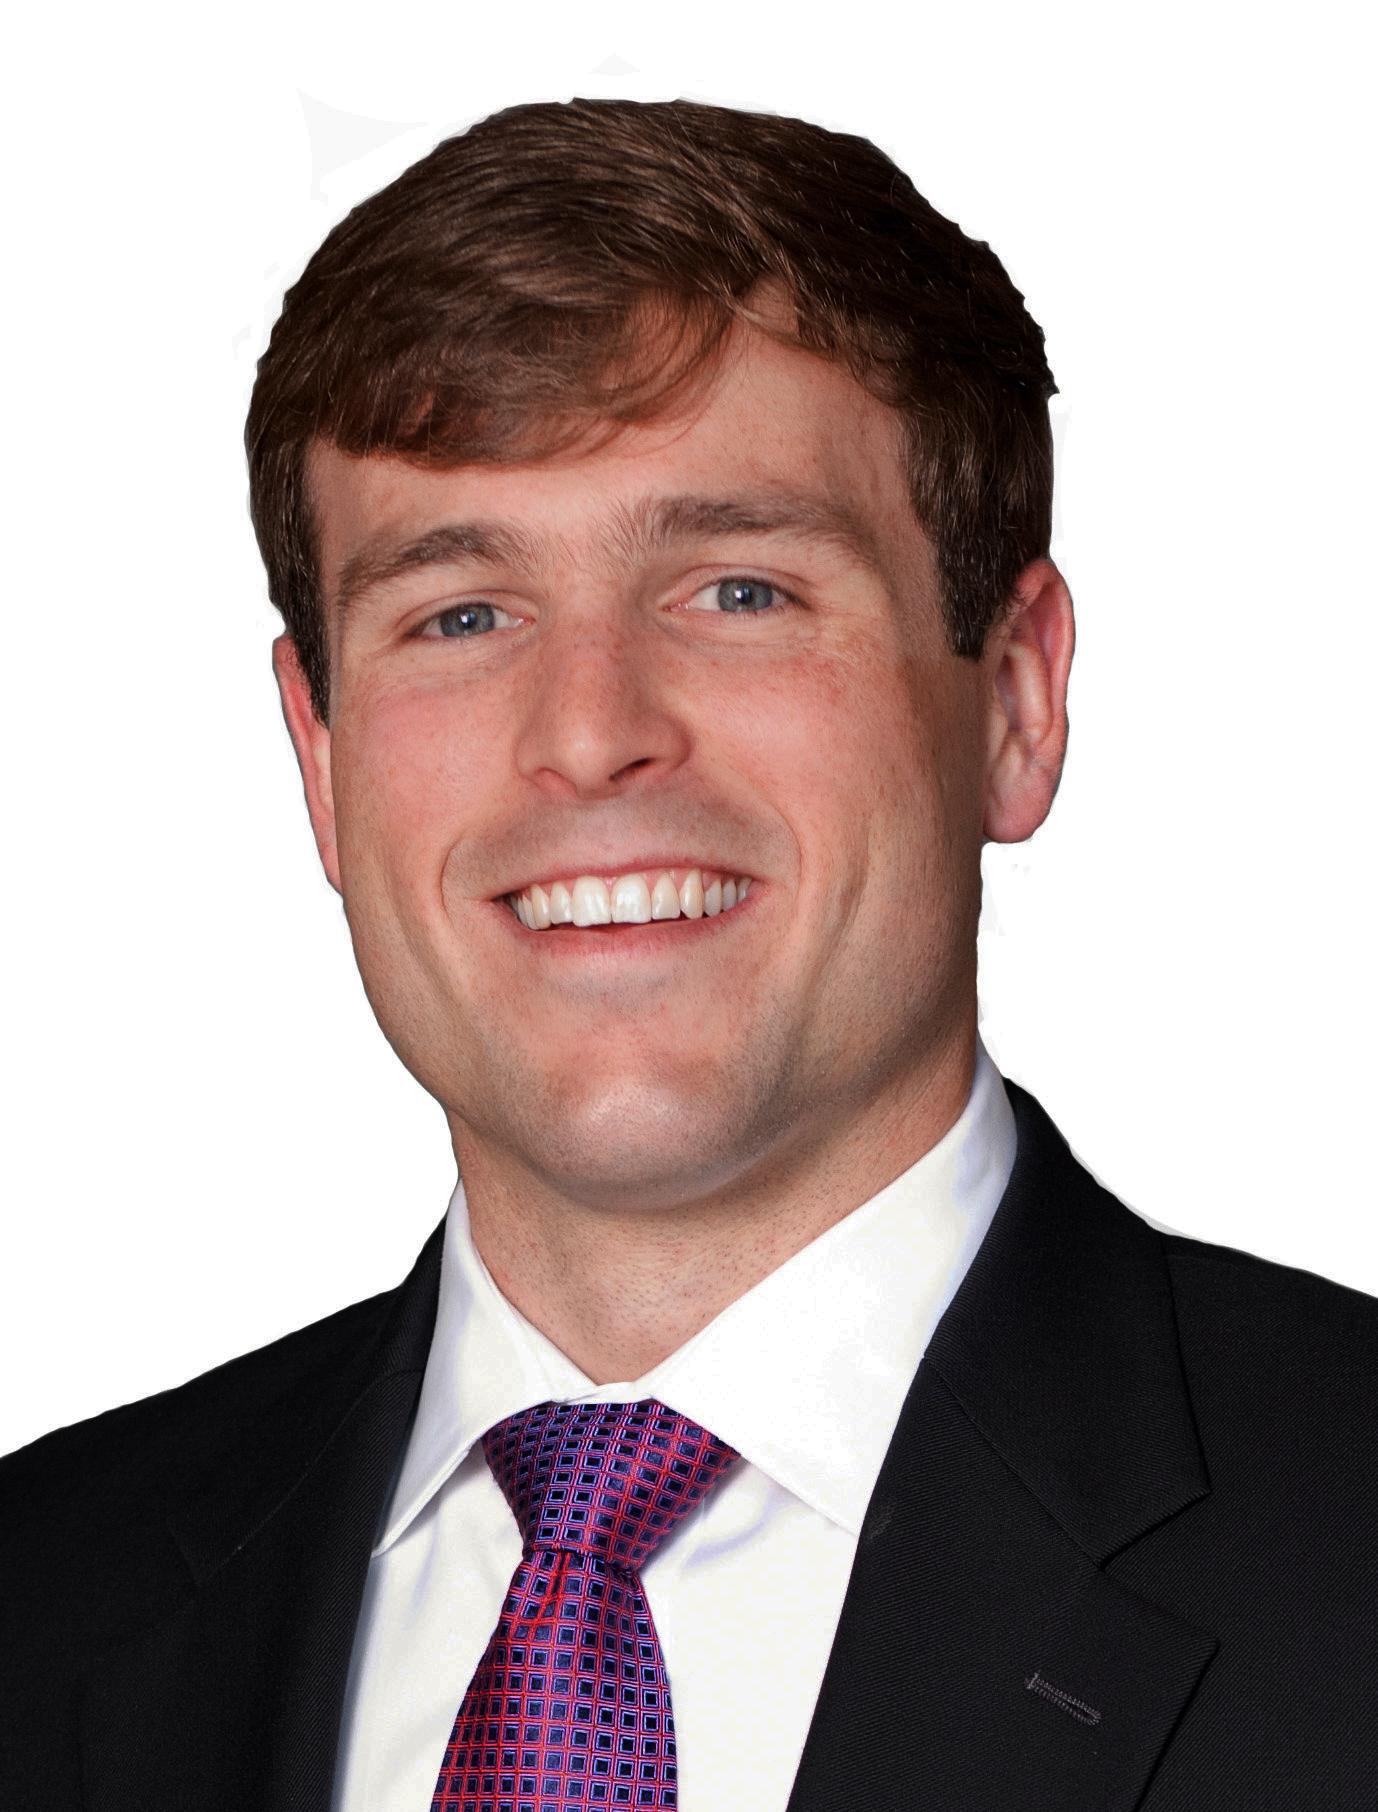 Joshua J. Sudbury